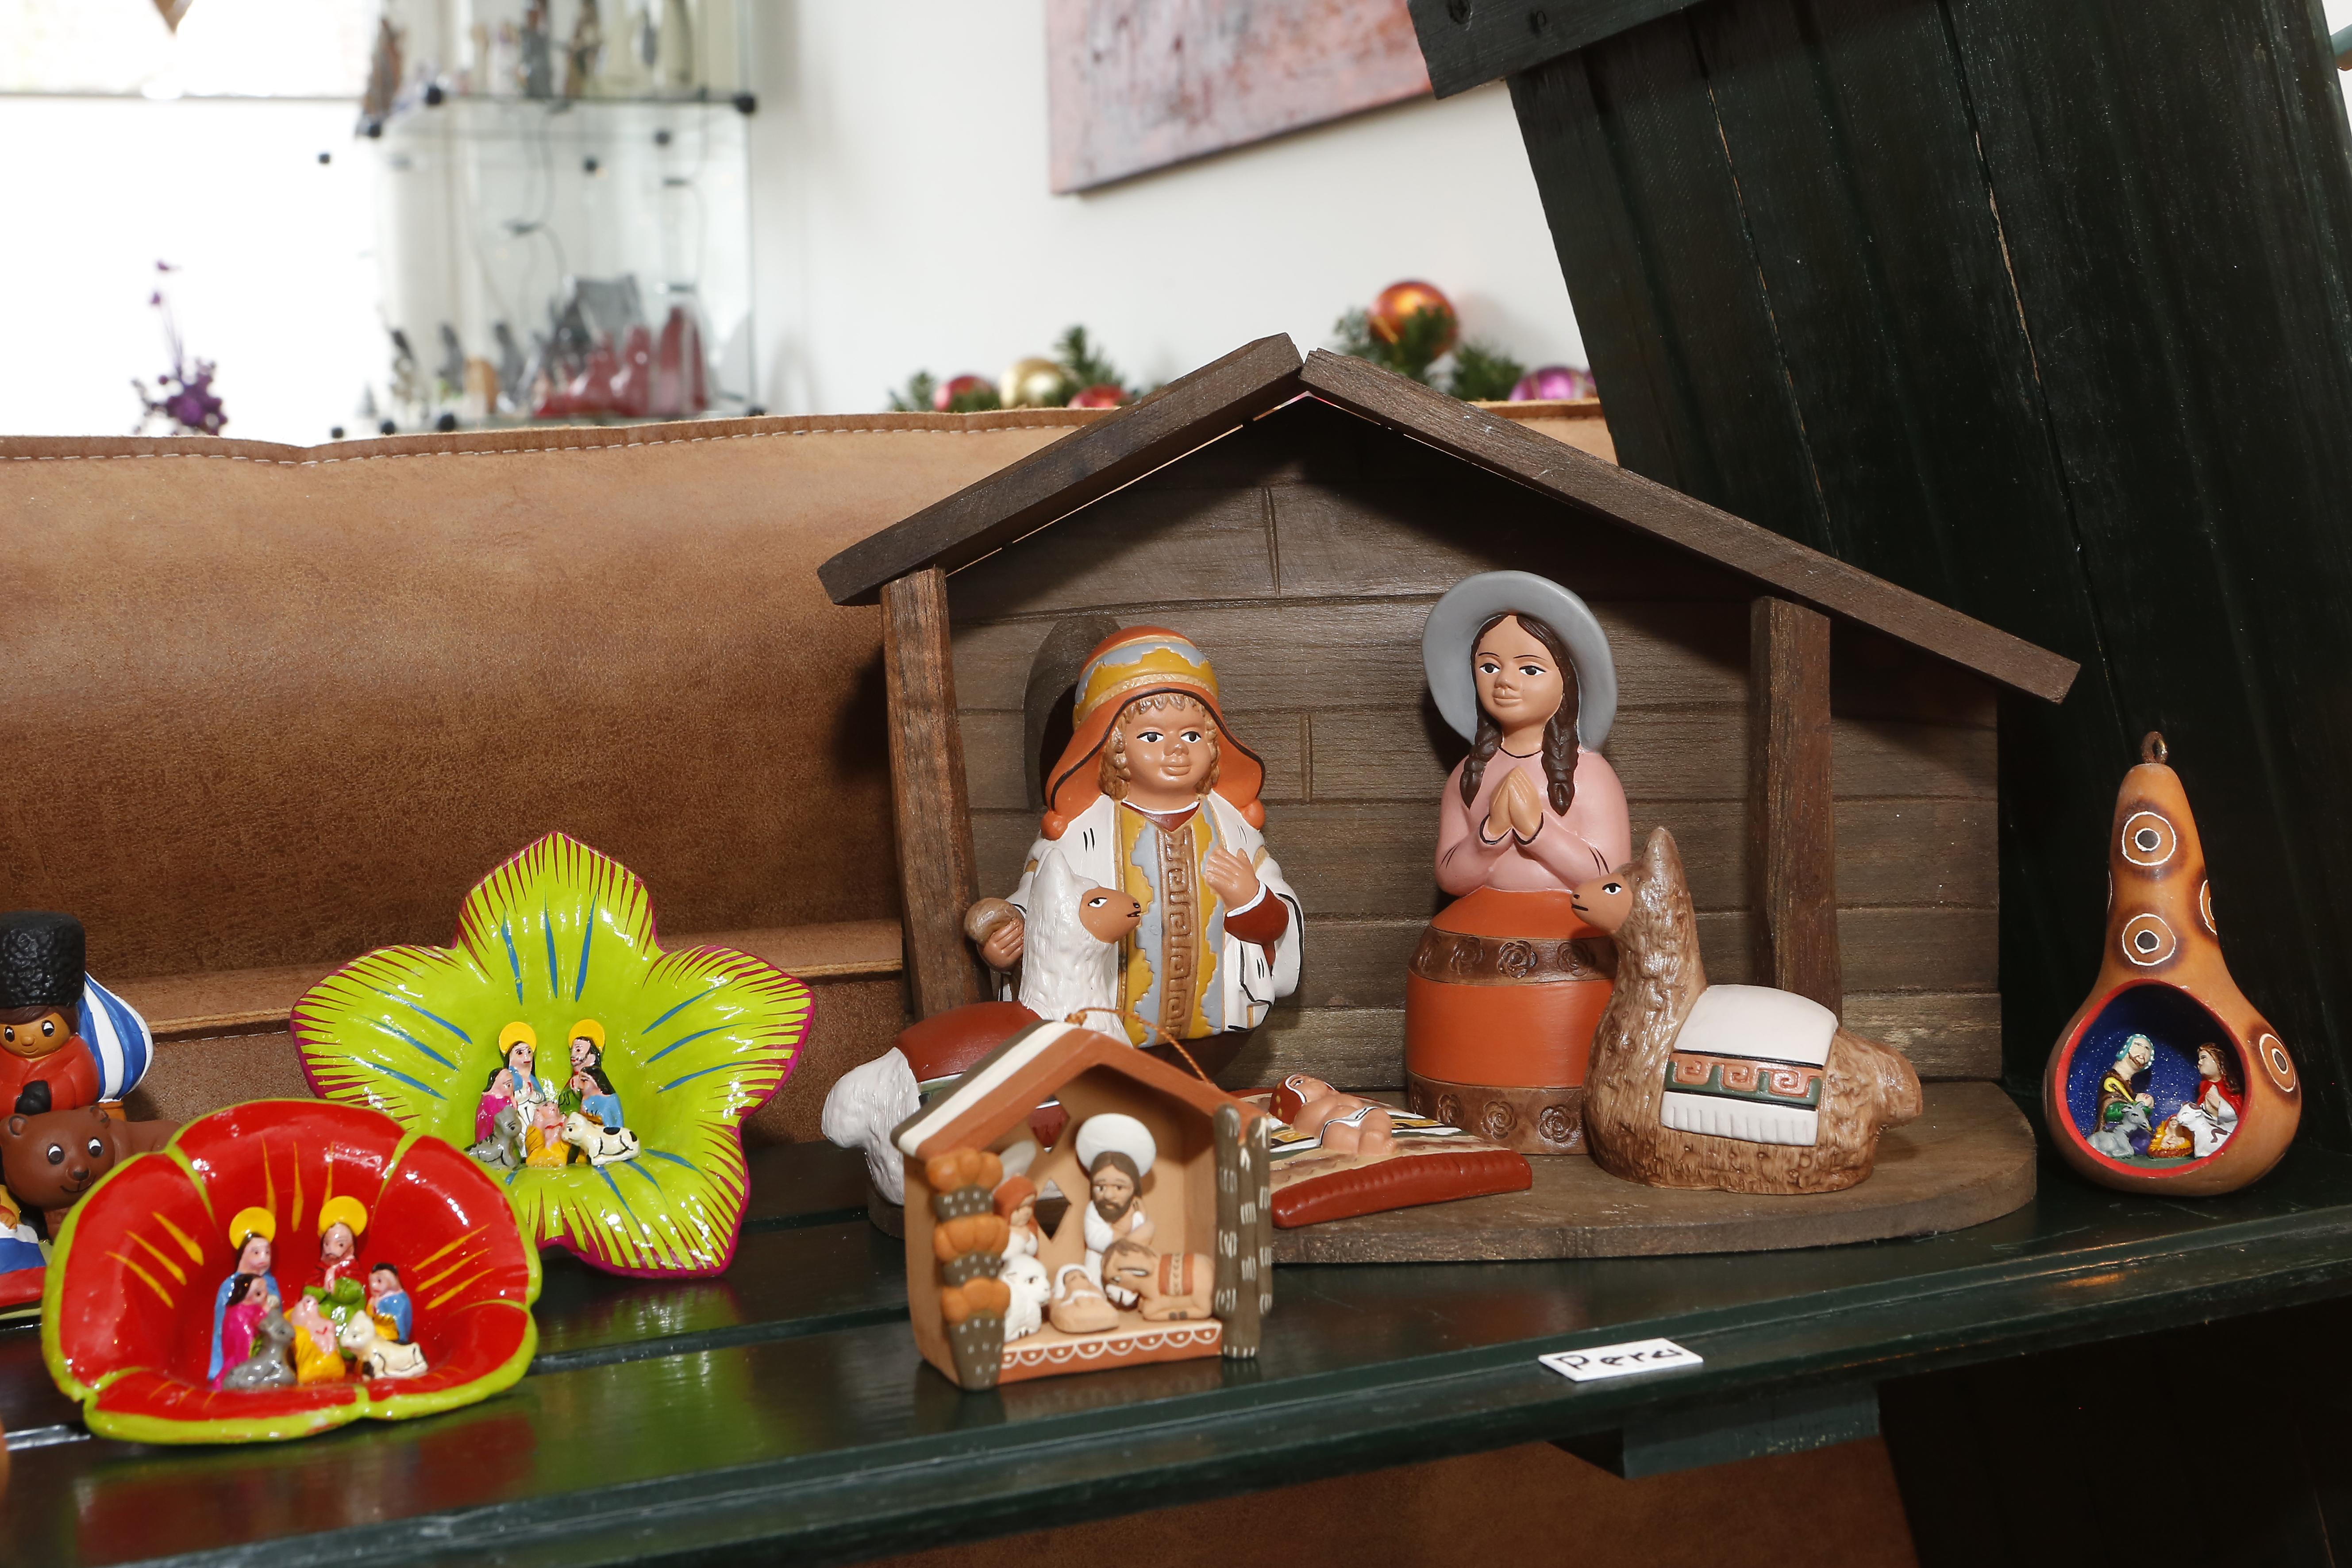 Oproep: kerststalletjes zijn populair in coronatijd, stuur uw foto aan de redactie toe